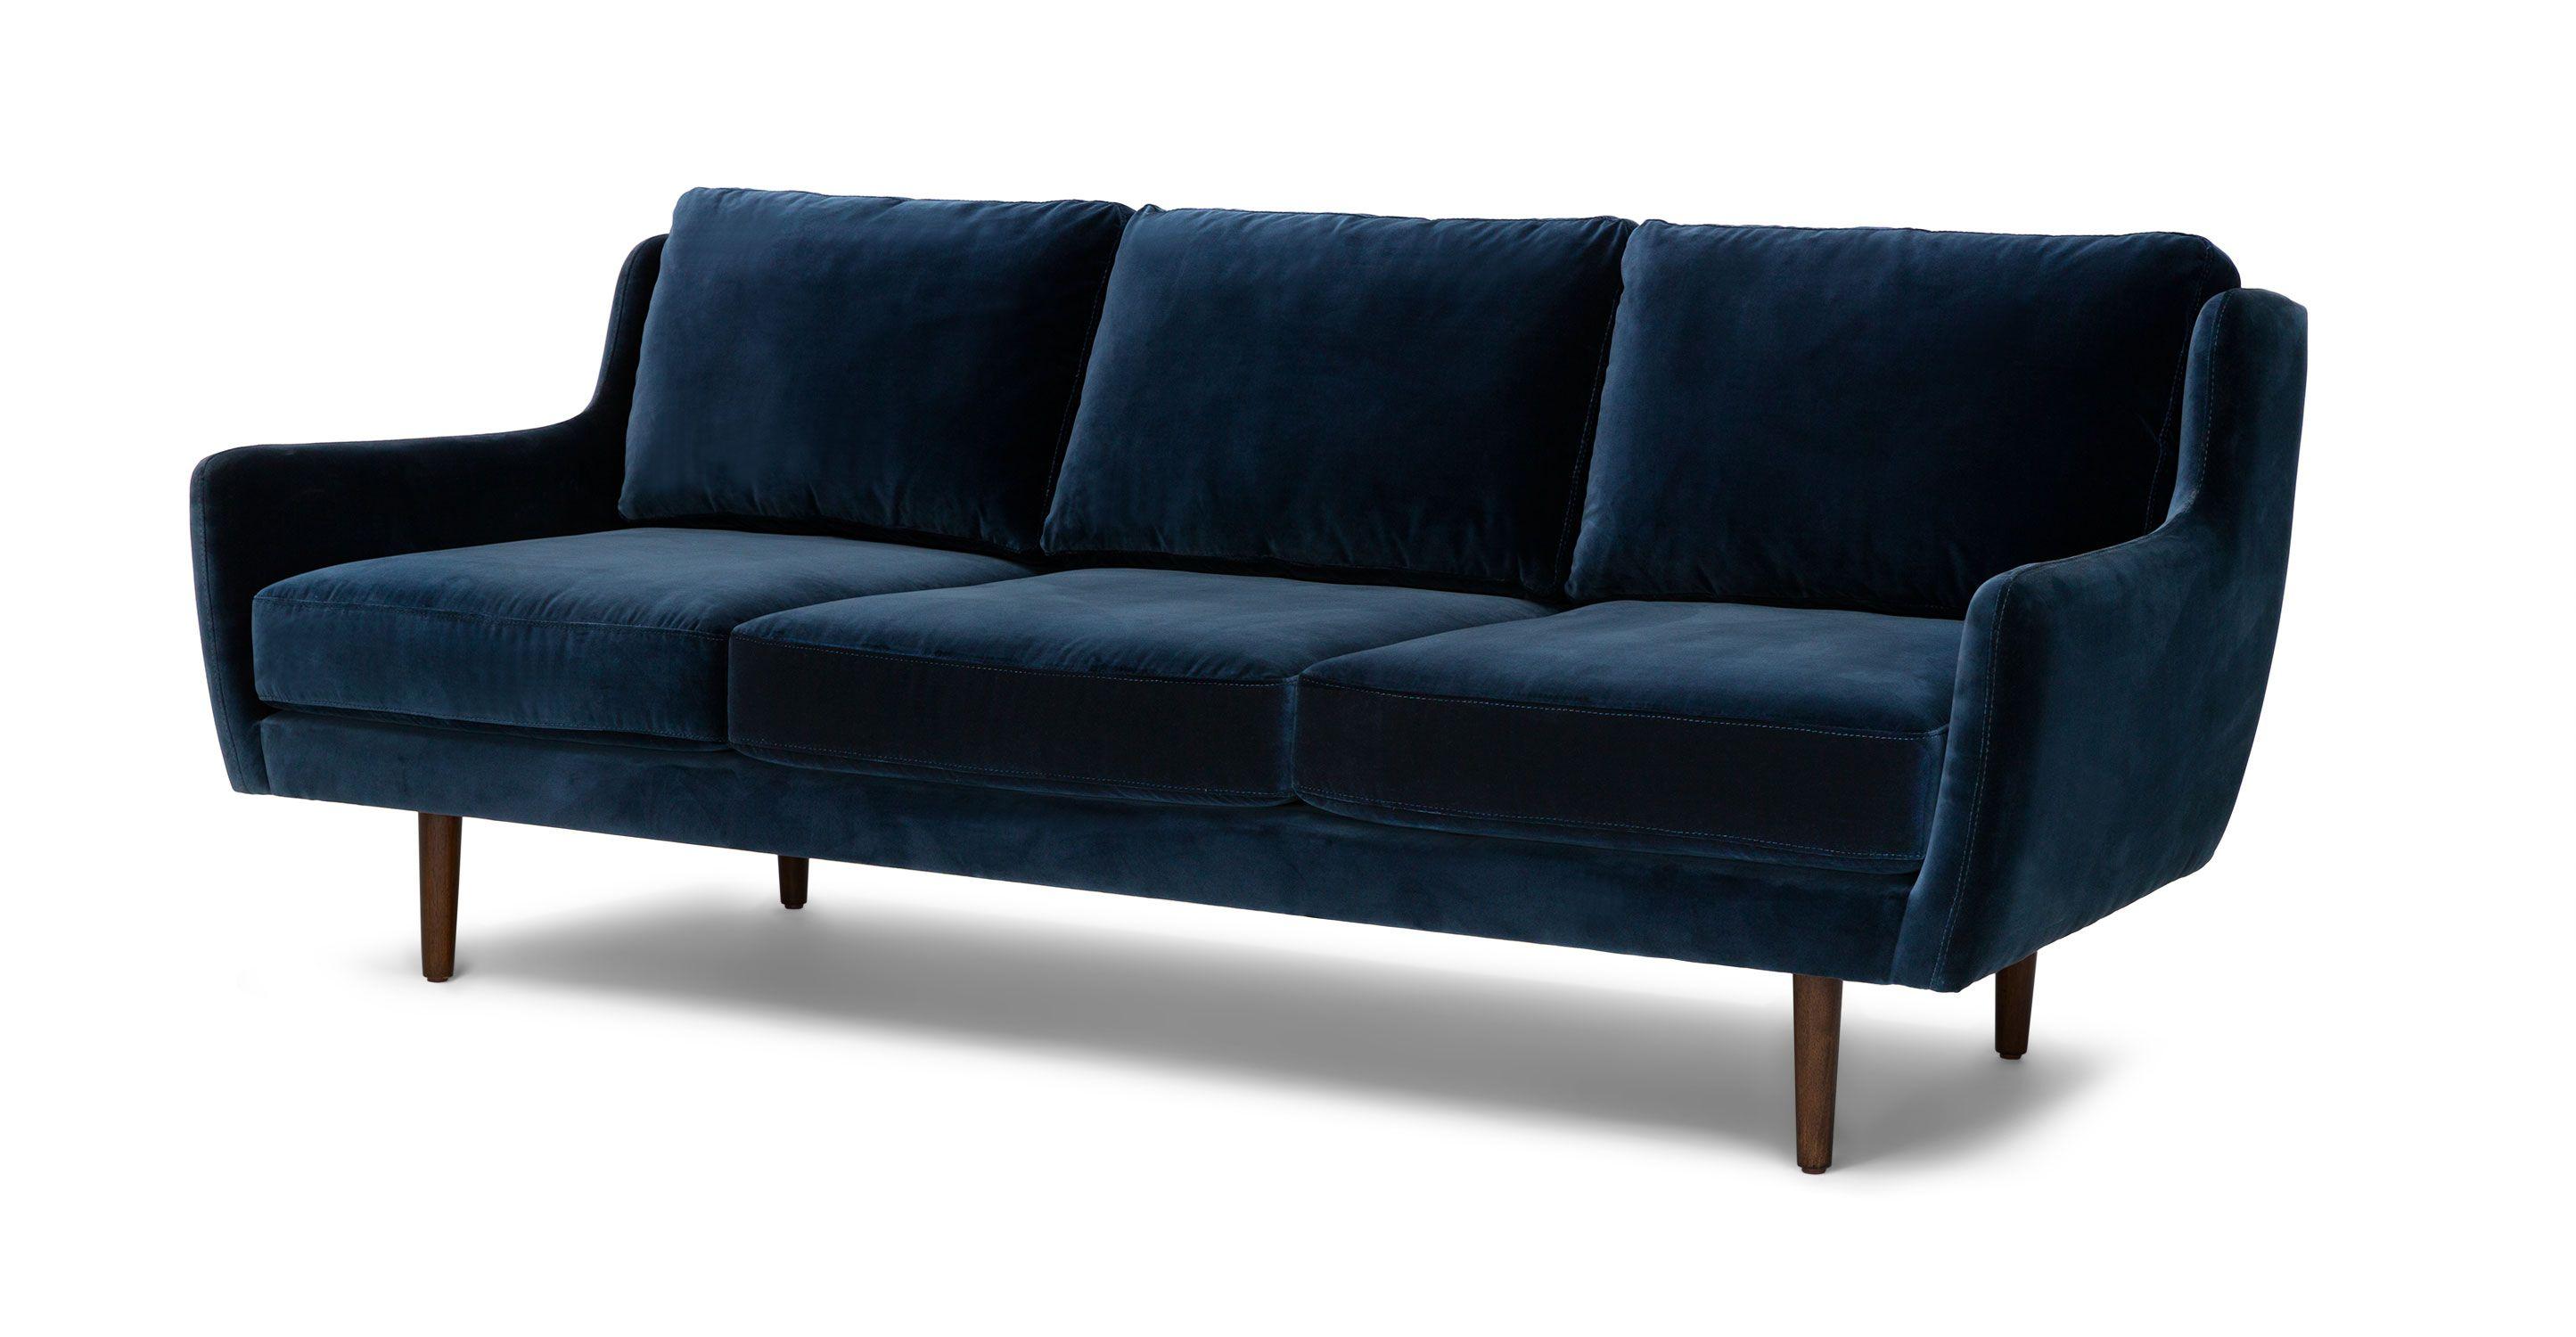 Modern Furniture Upholstery blue velvet contemporary sofa | matrix contemporary furniture